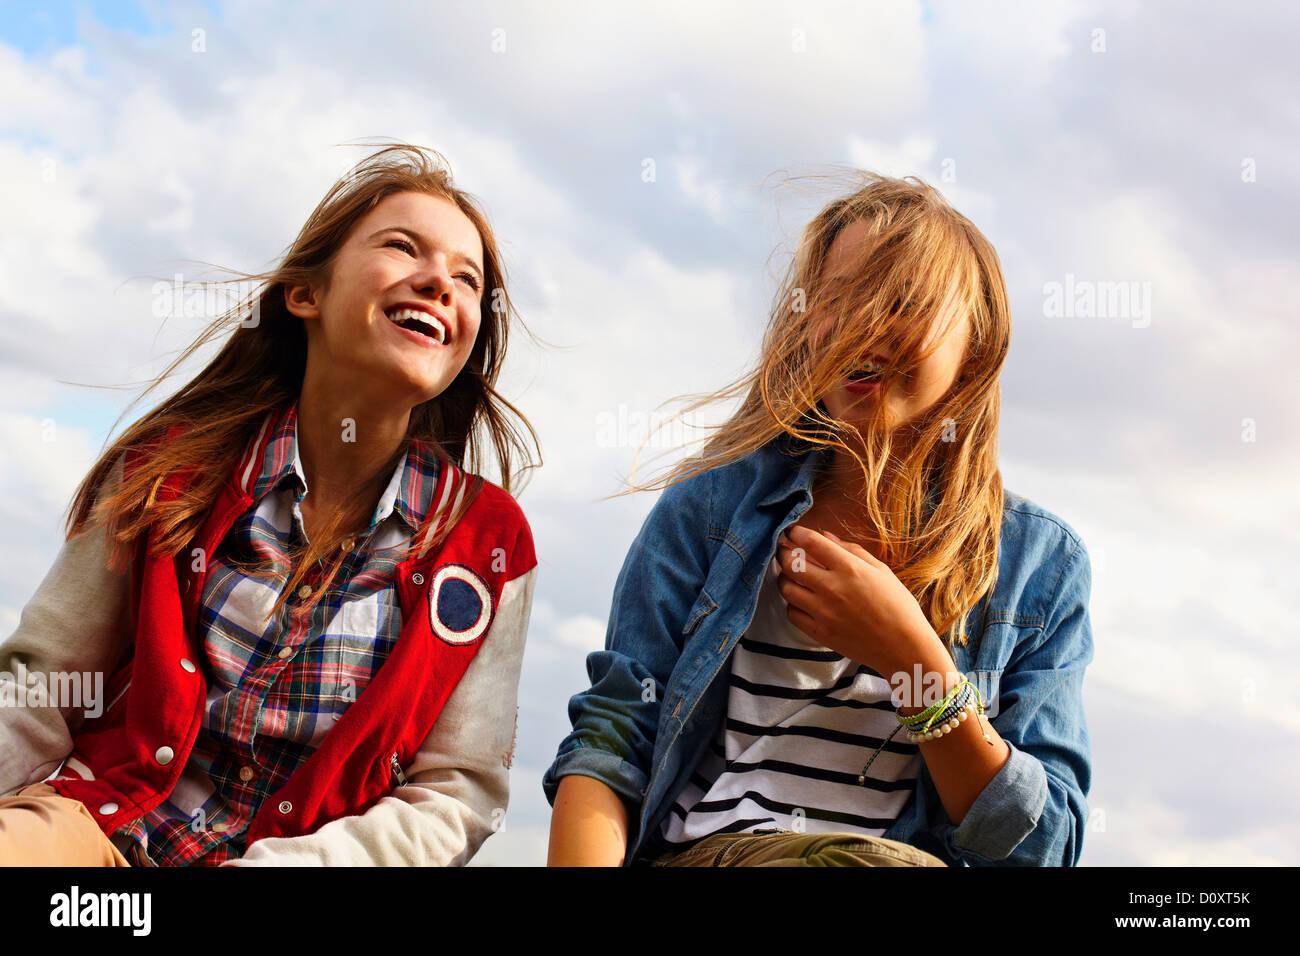 Felice ragazze adolescenti Foto Stock